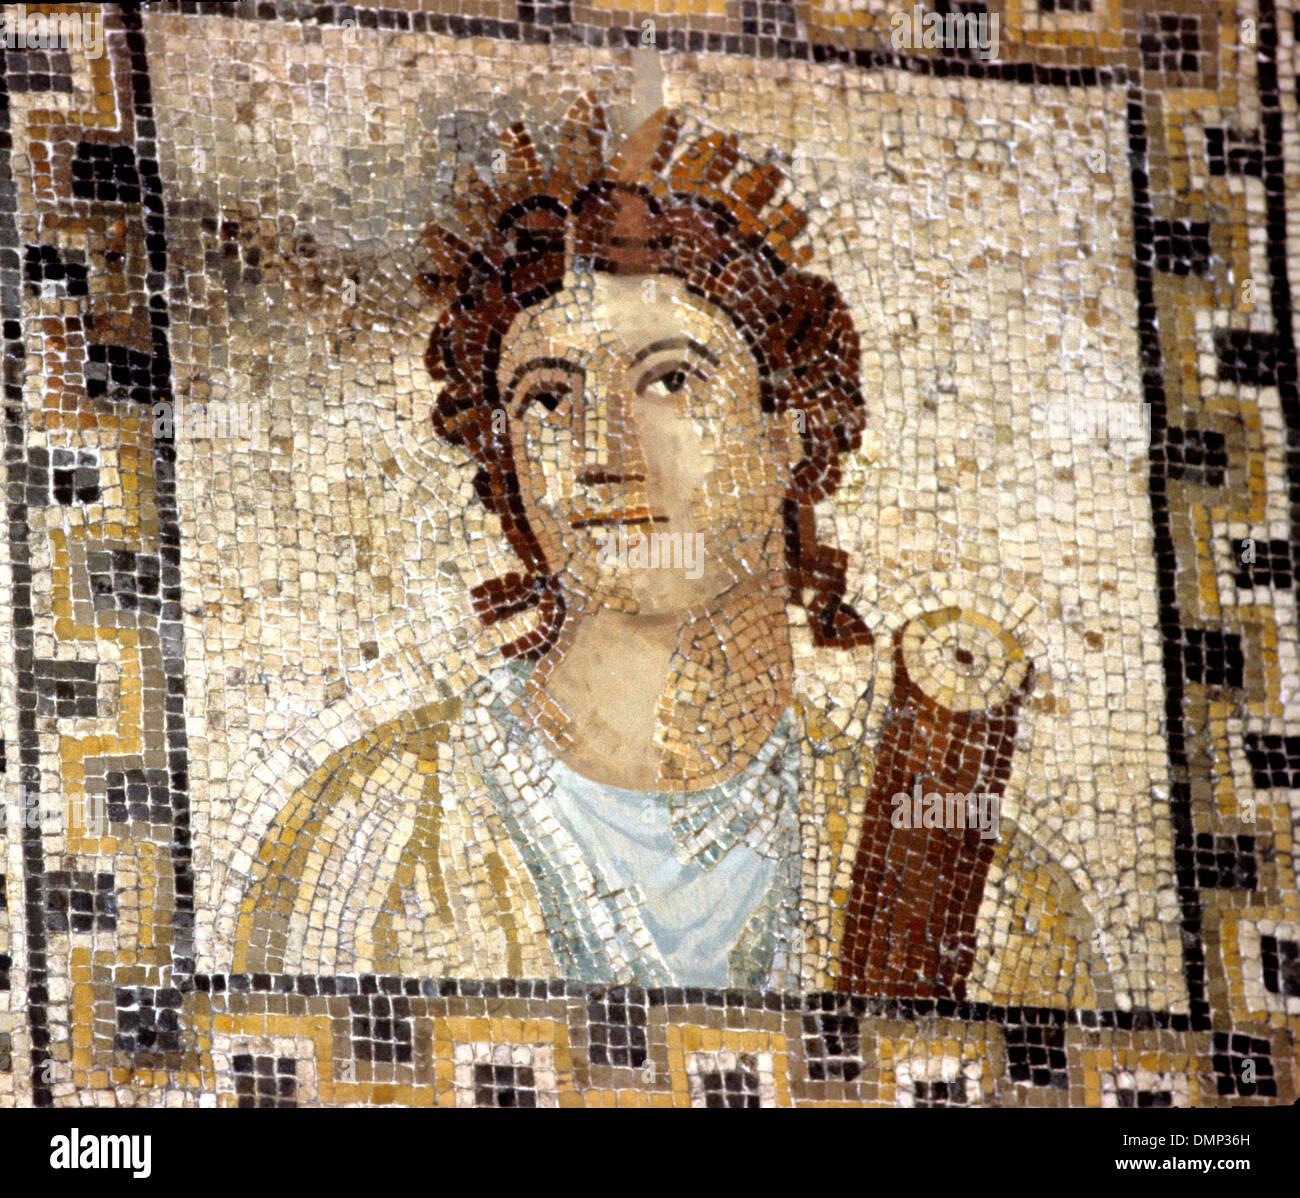 Romano-deutscher Zeit. Mosaik. Clio, Muse der Geschichte, mit Blättern. Stockbild